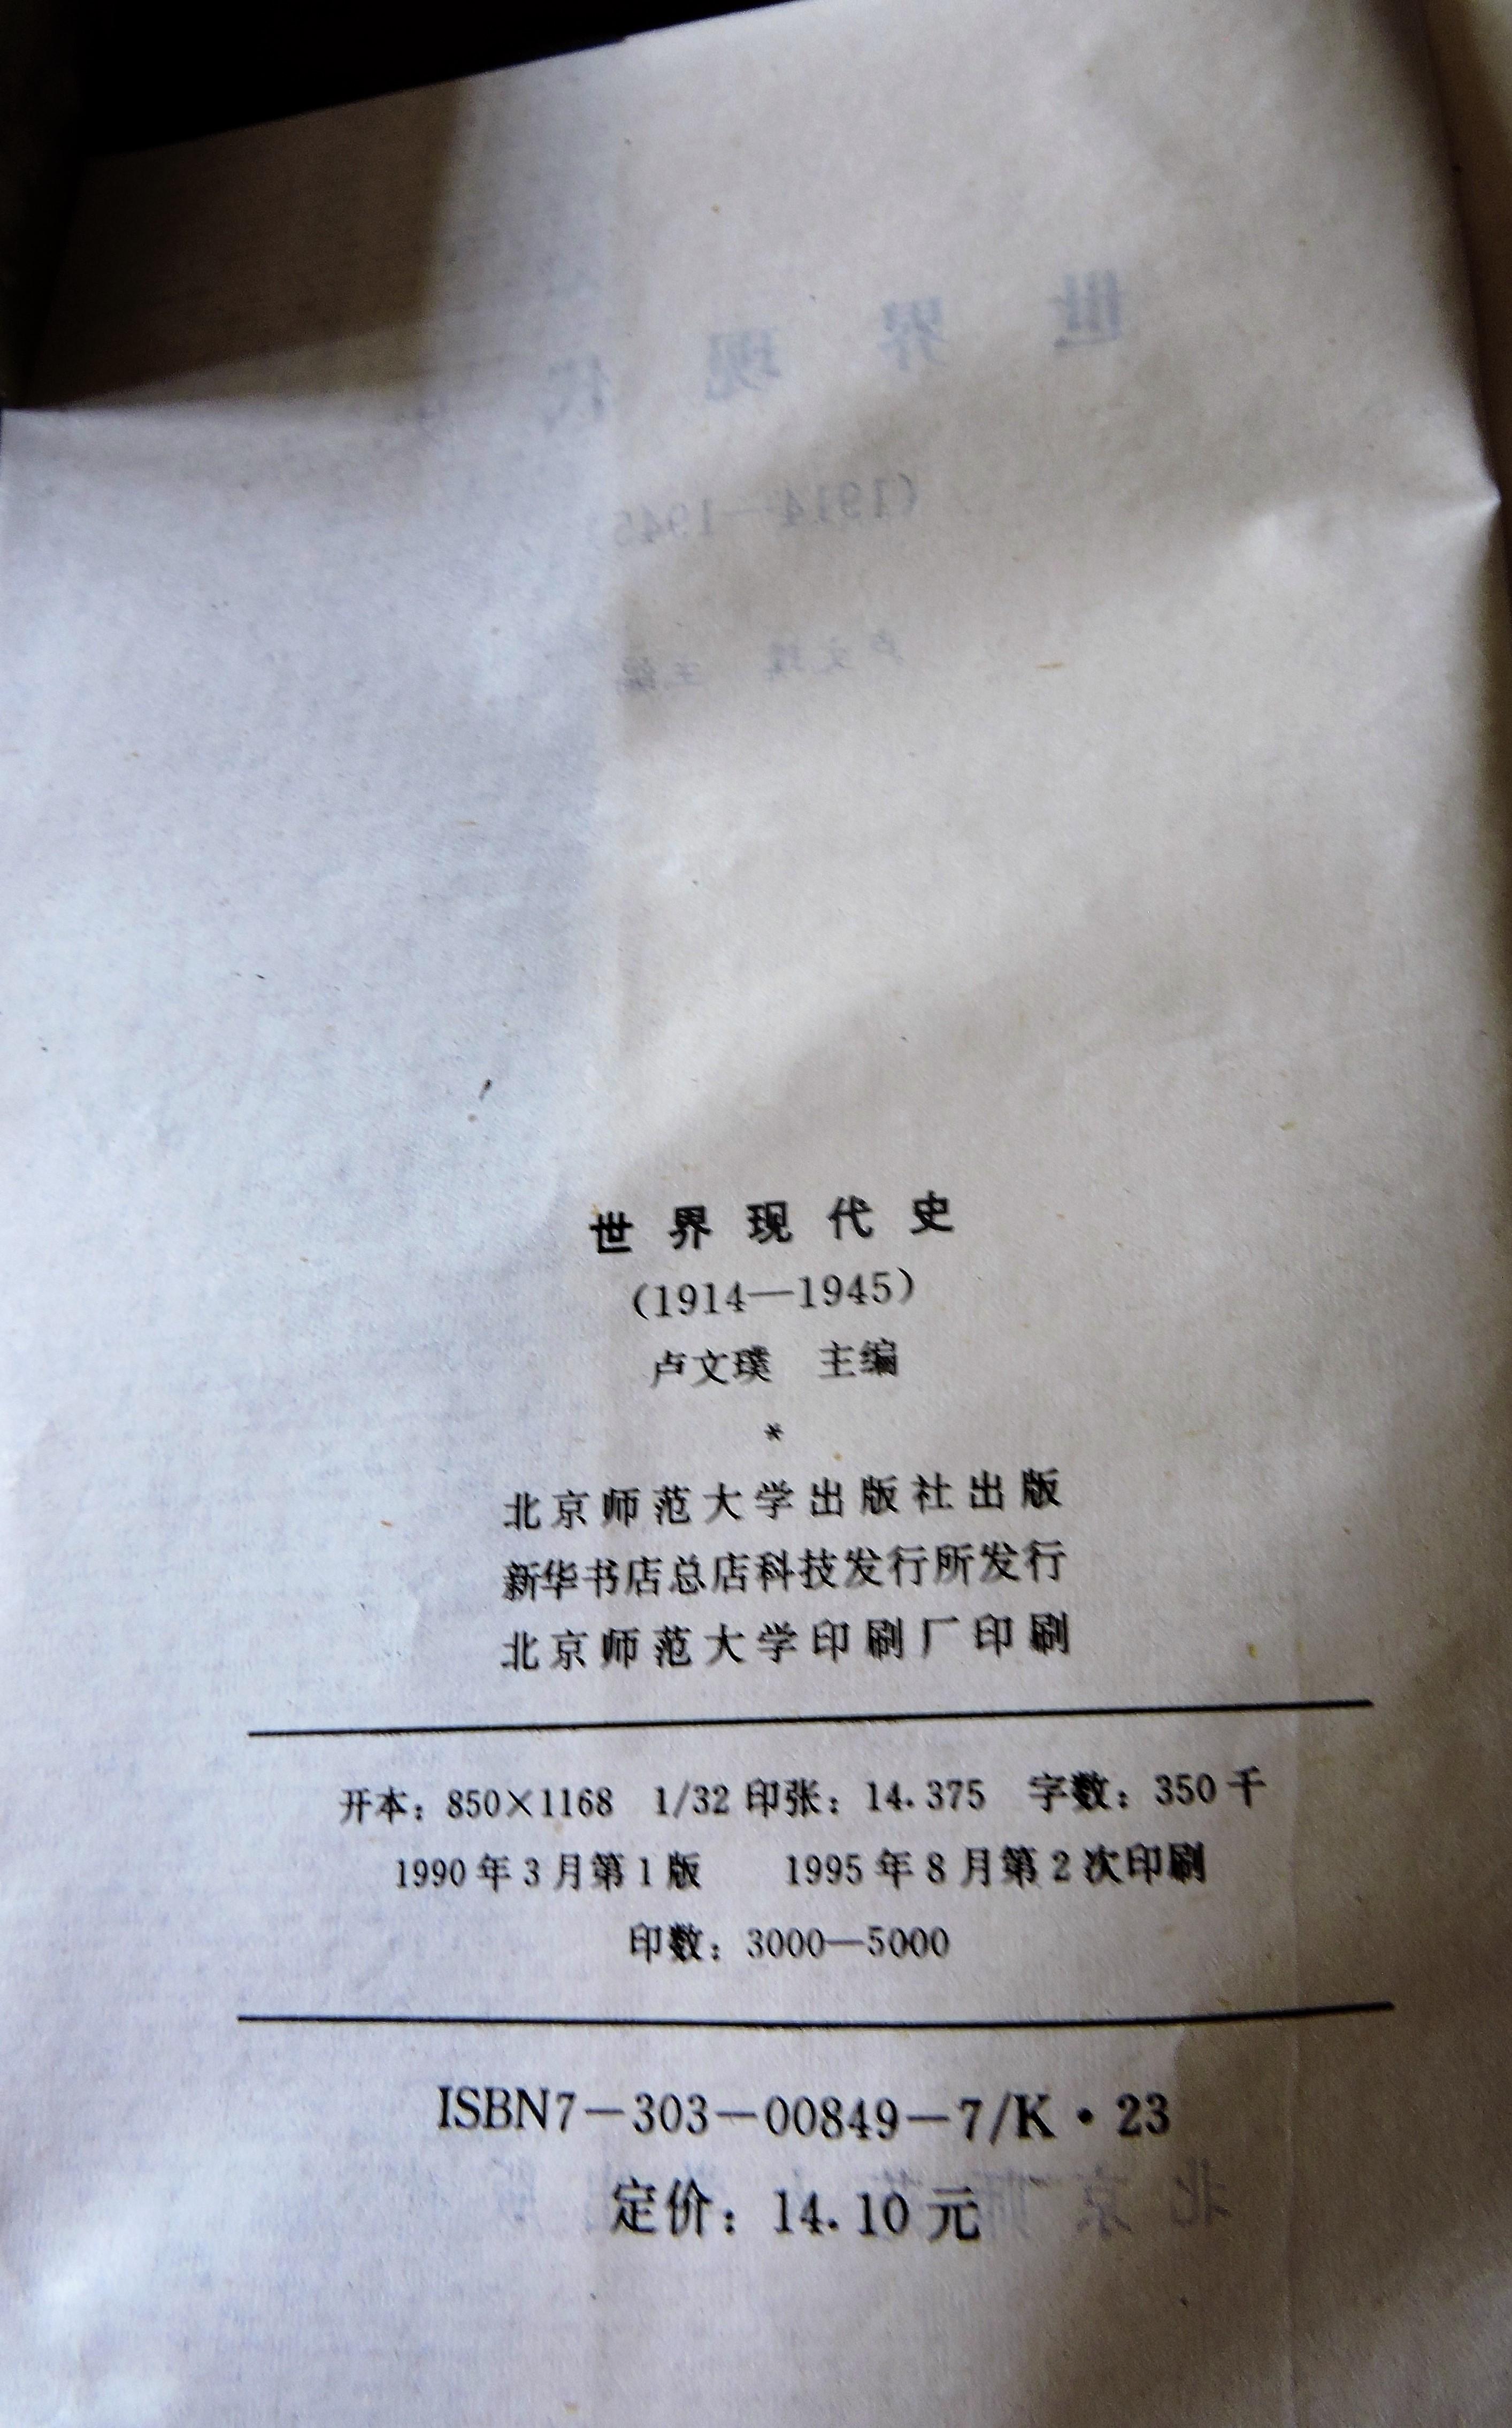 3 DSCN7918.jpg